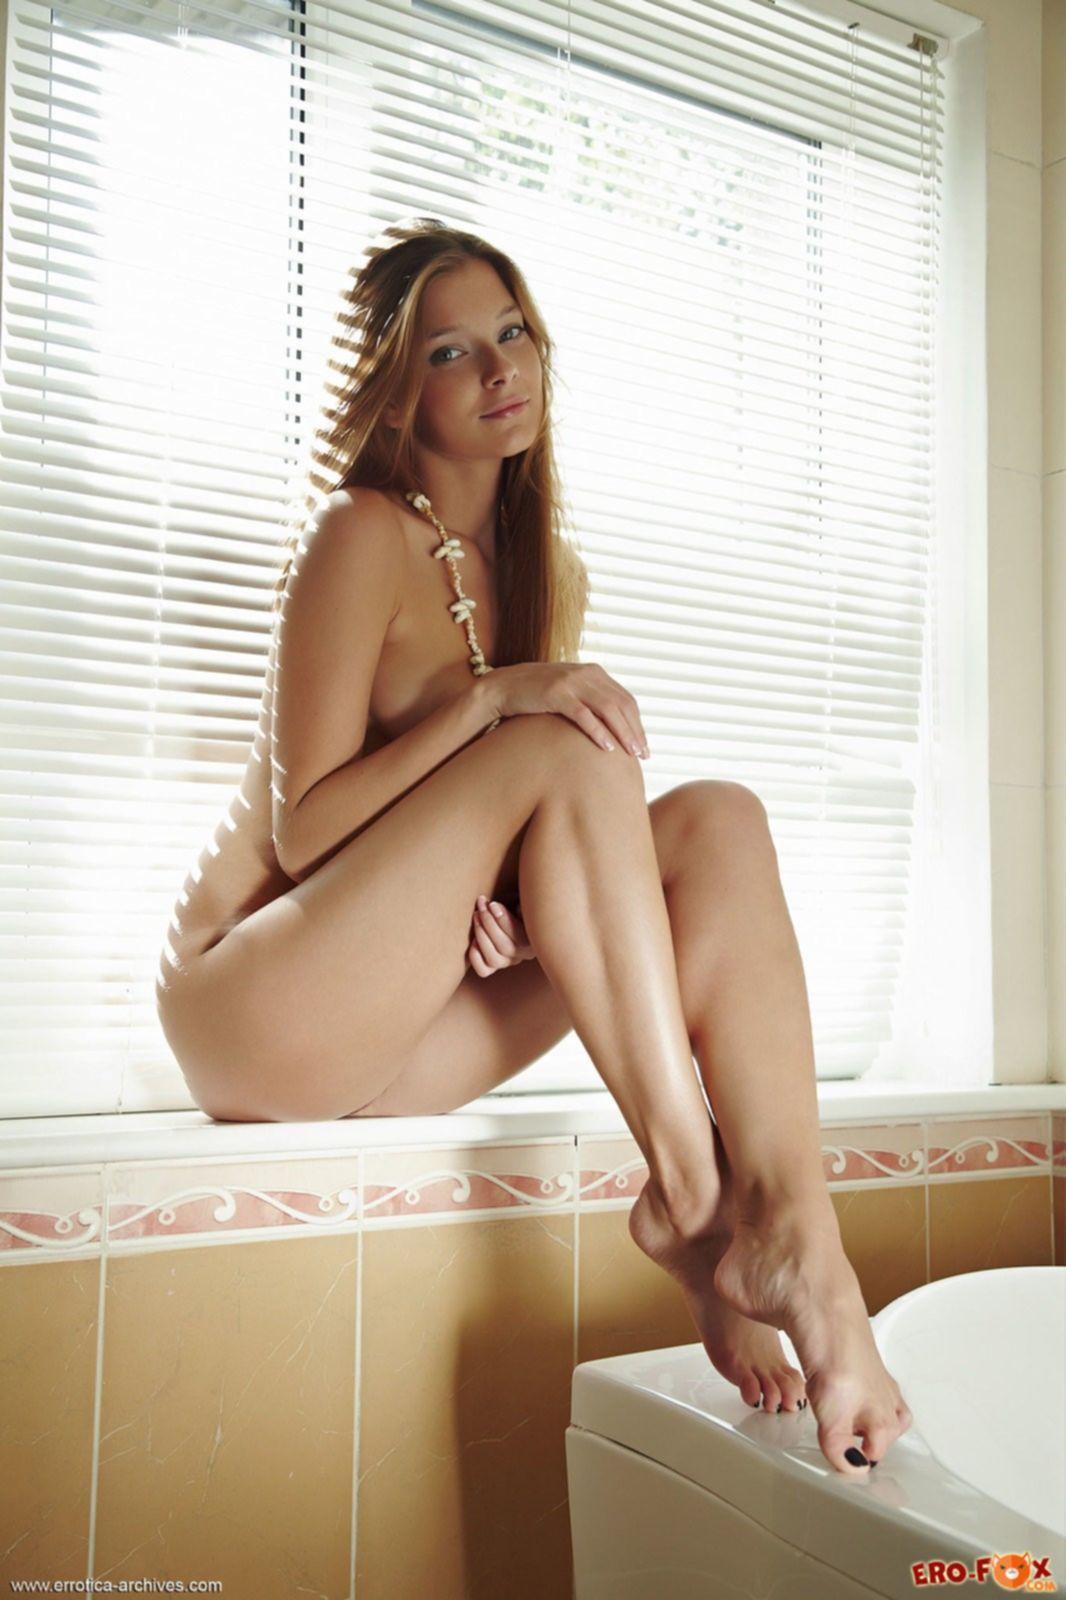 Красивая голая девушка в ванной комнате - фото эротика.